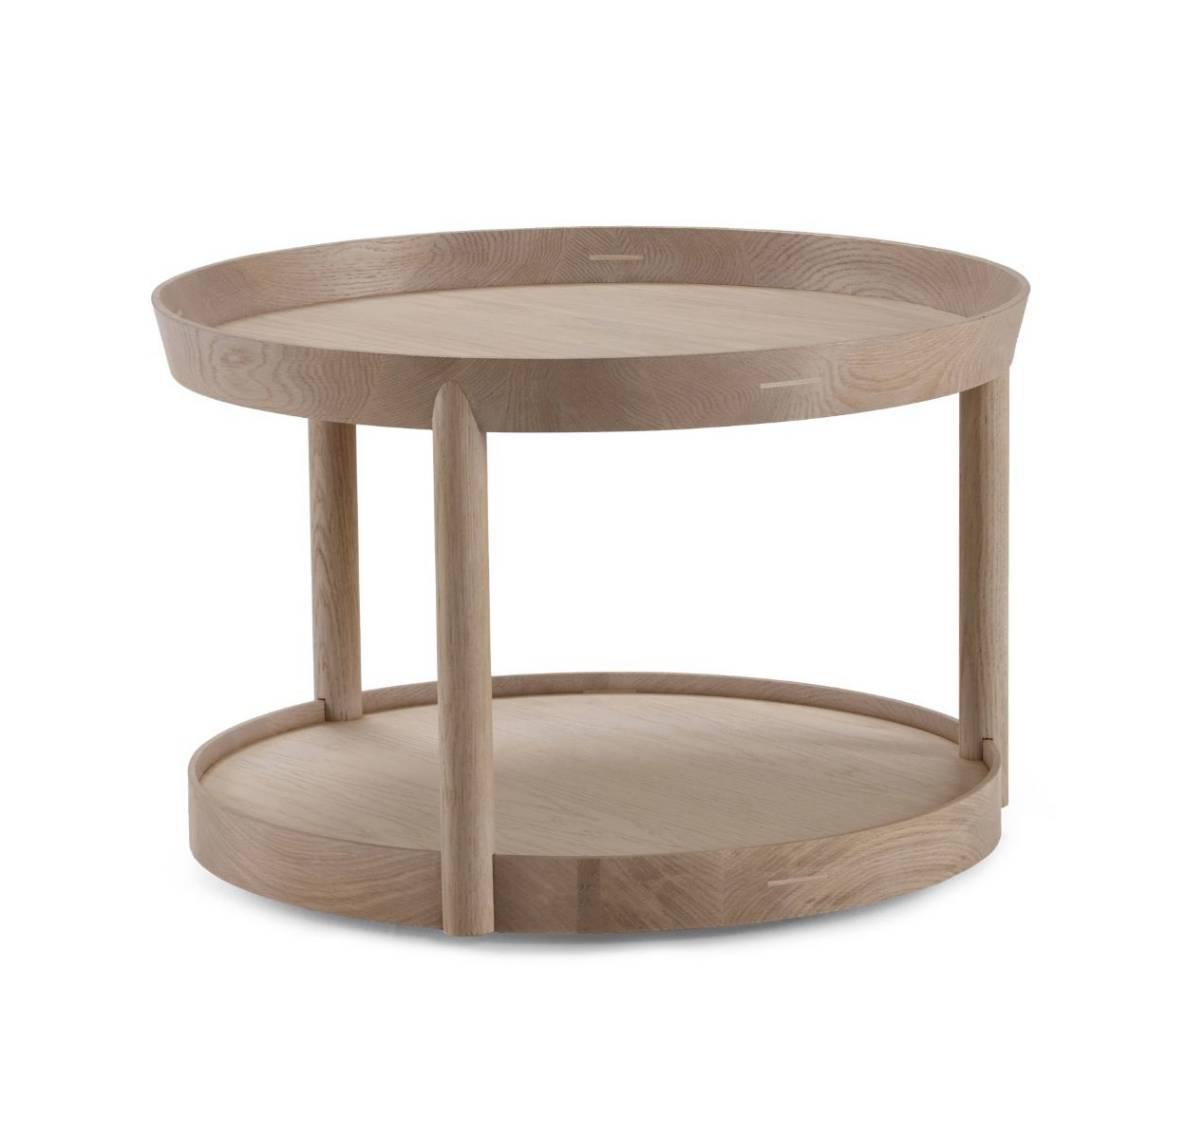 Offecct Archipelago Beistelltisch aus Holz